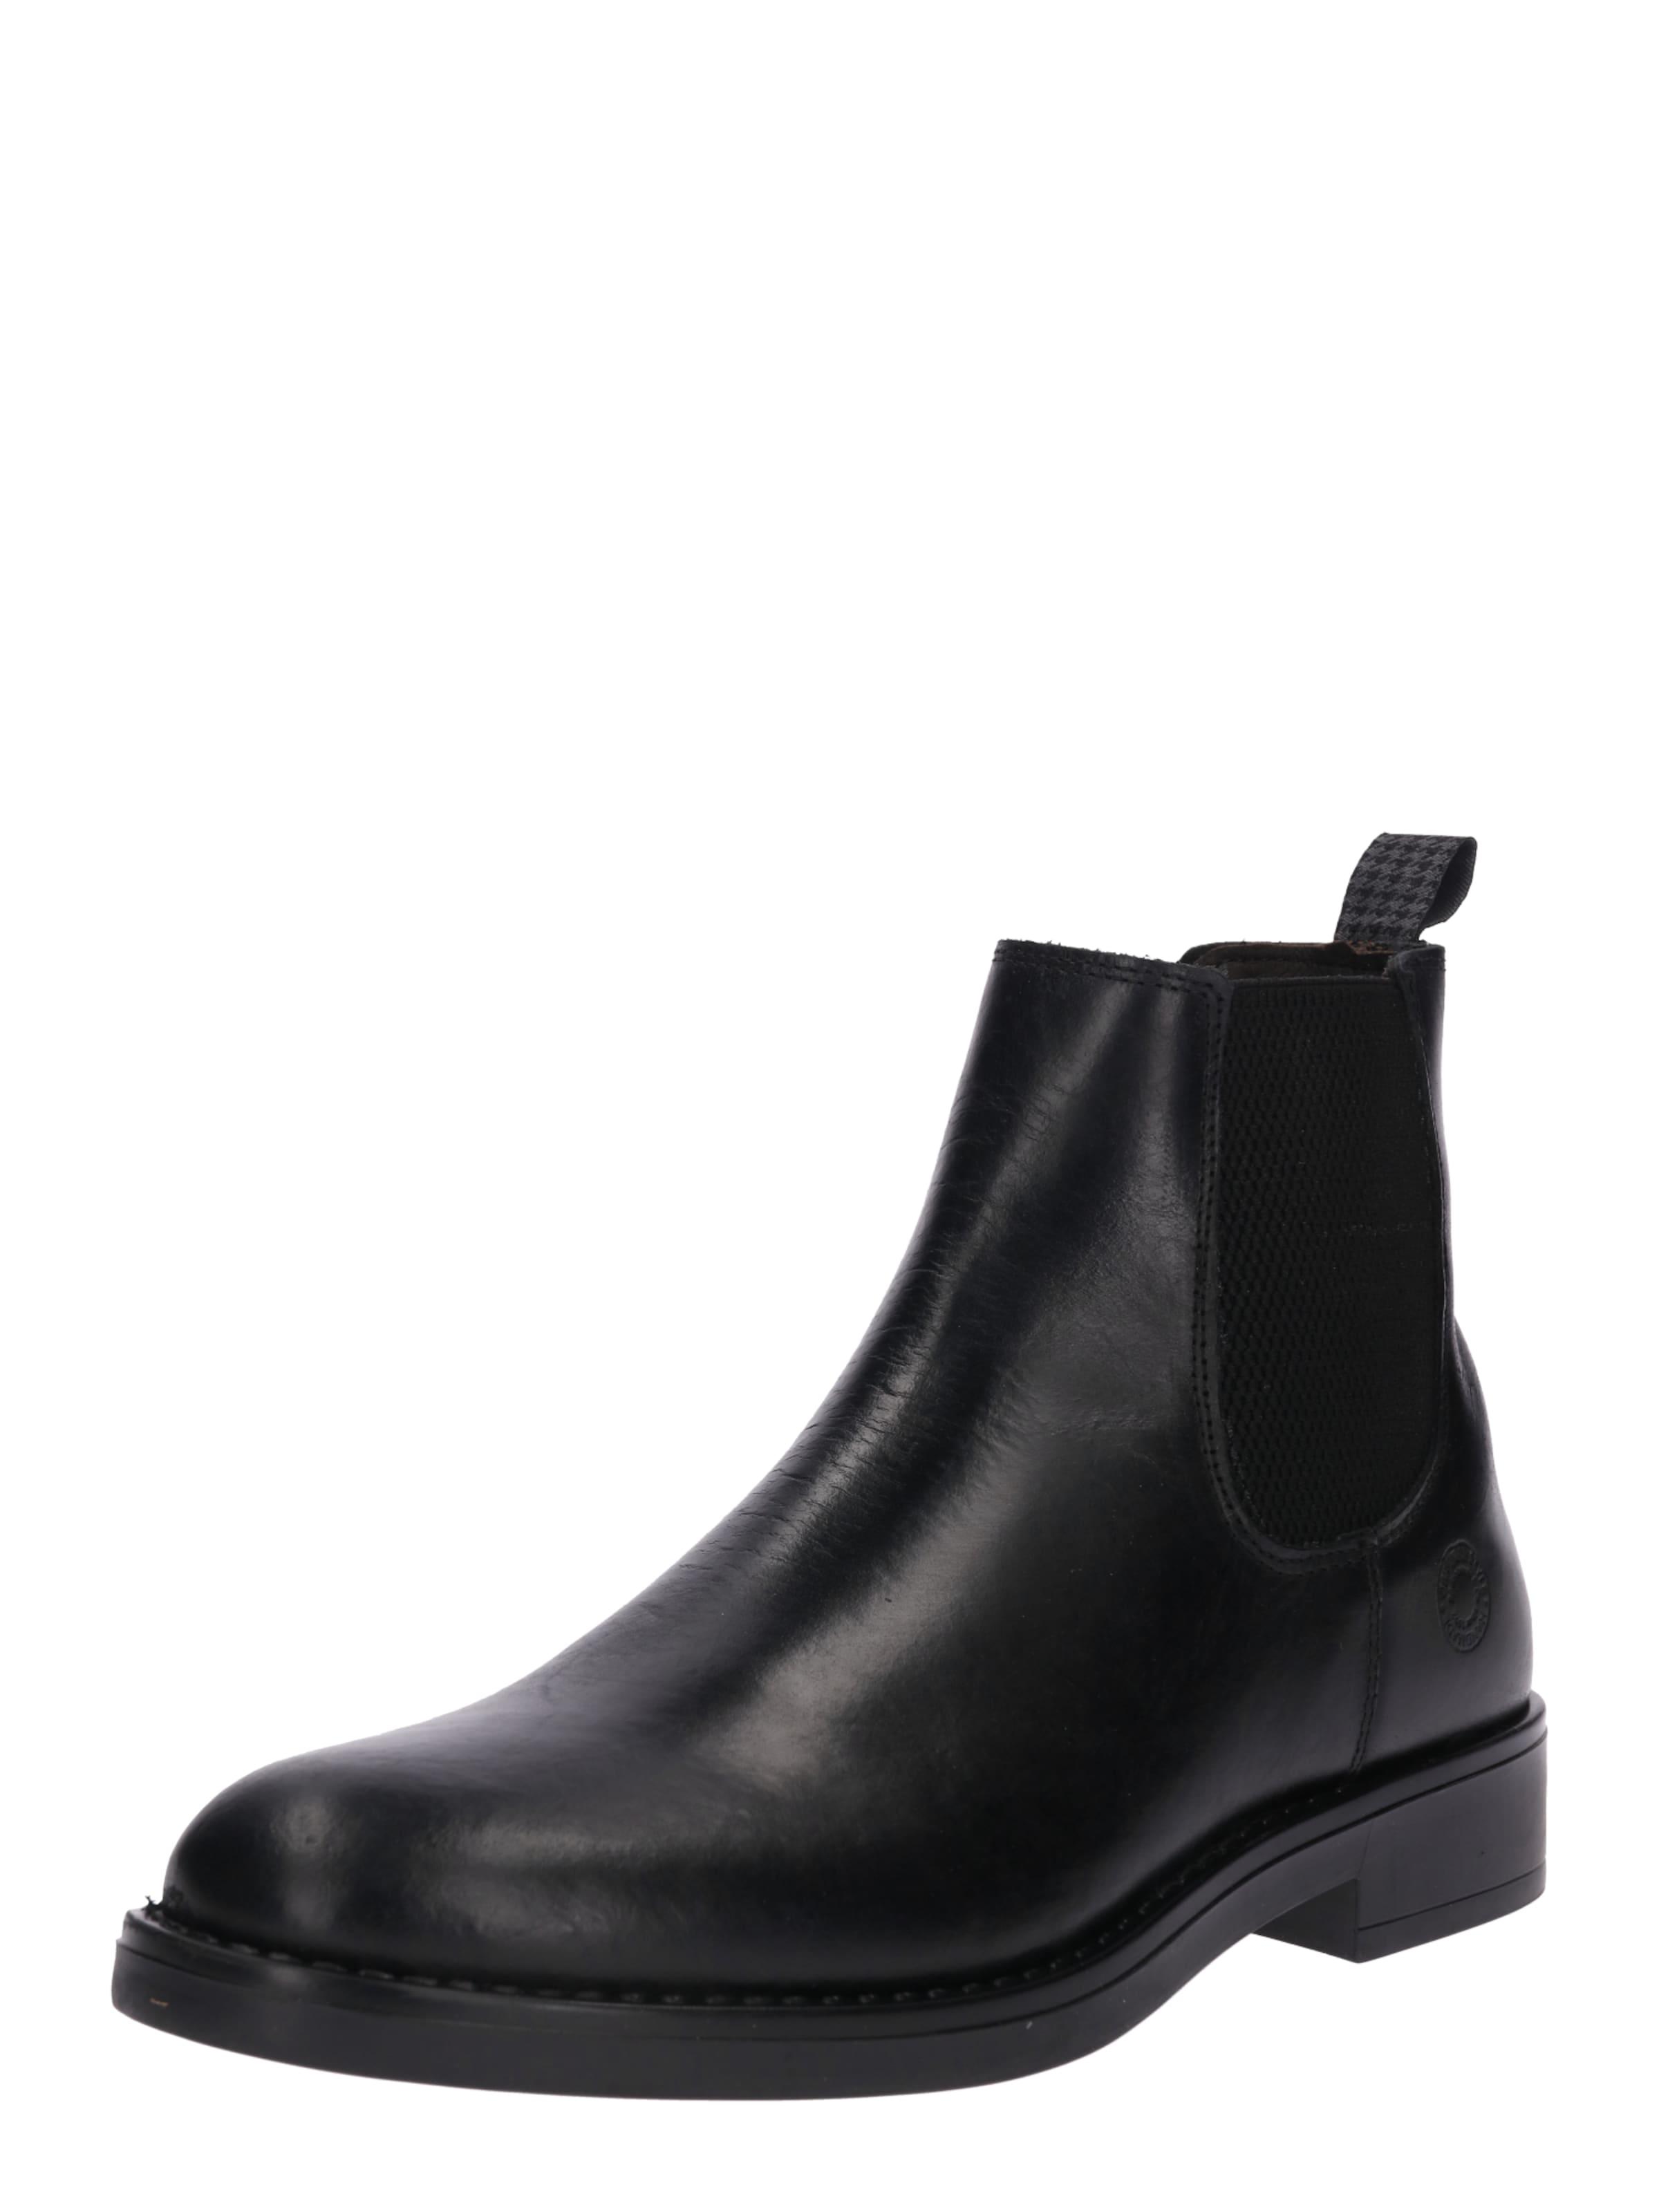 BULLBOXER Chelsea Boots Günstige und langlebige Schuhe